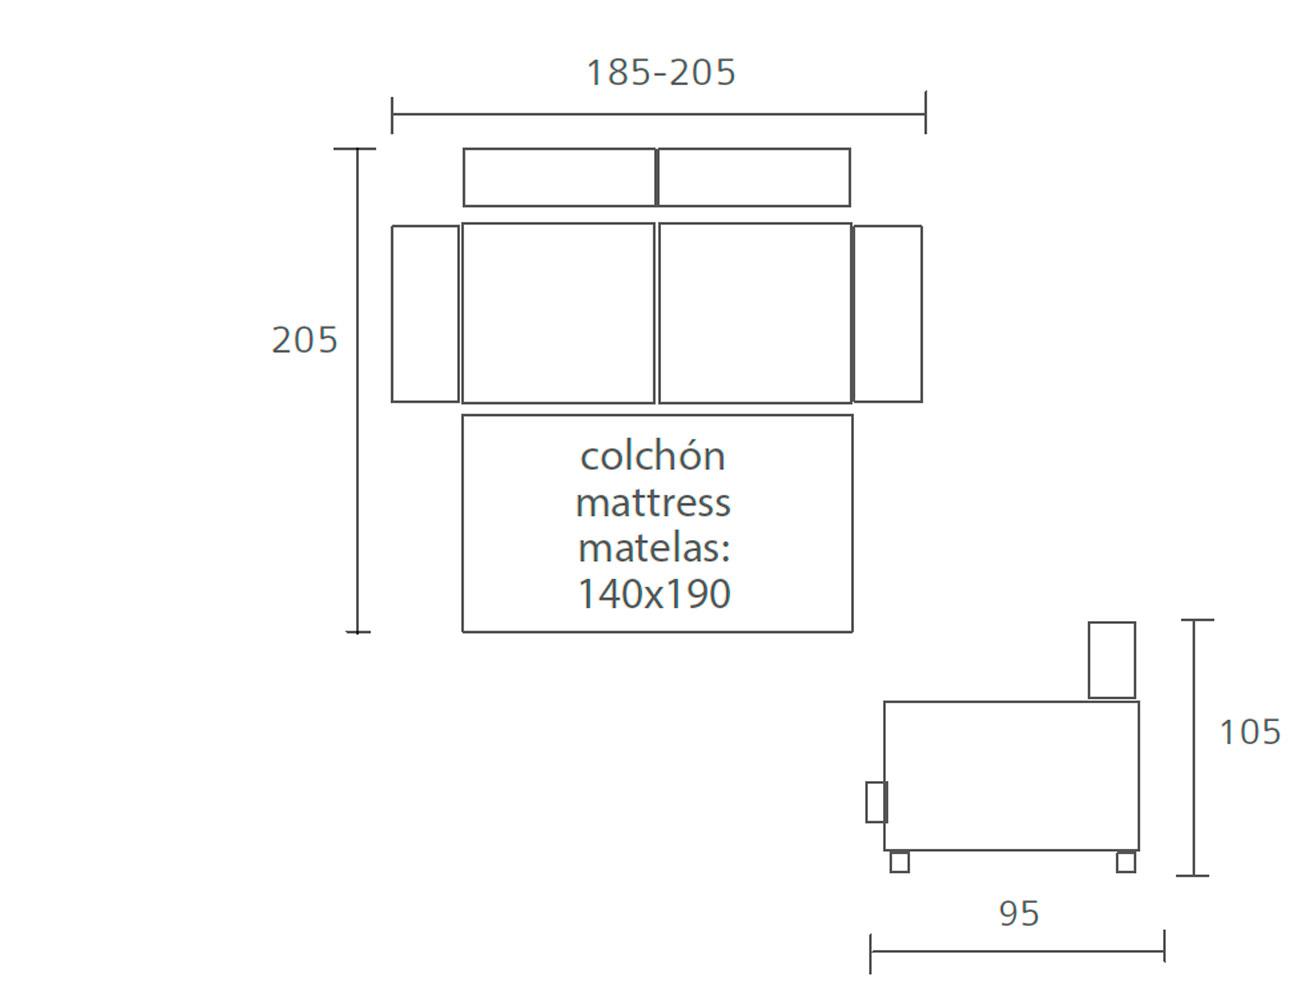 Sofa cama pedro ortiz 185 2052